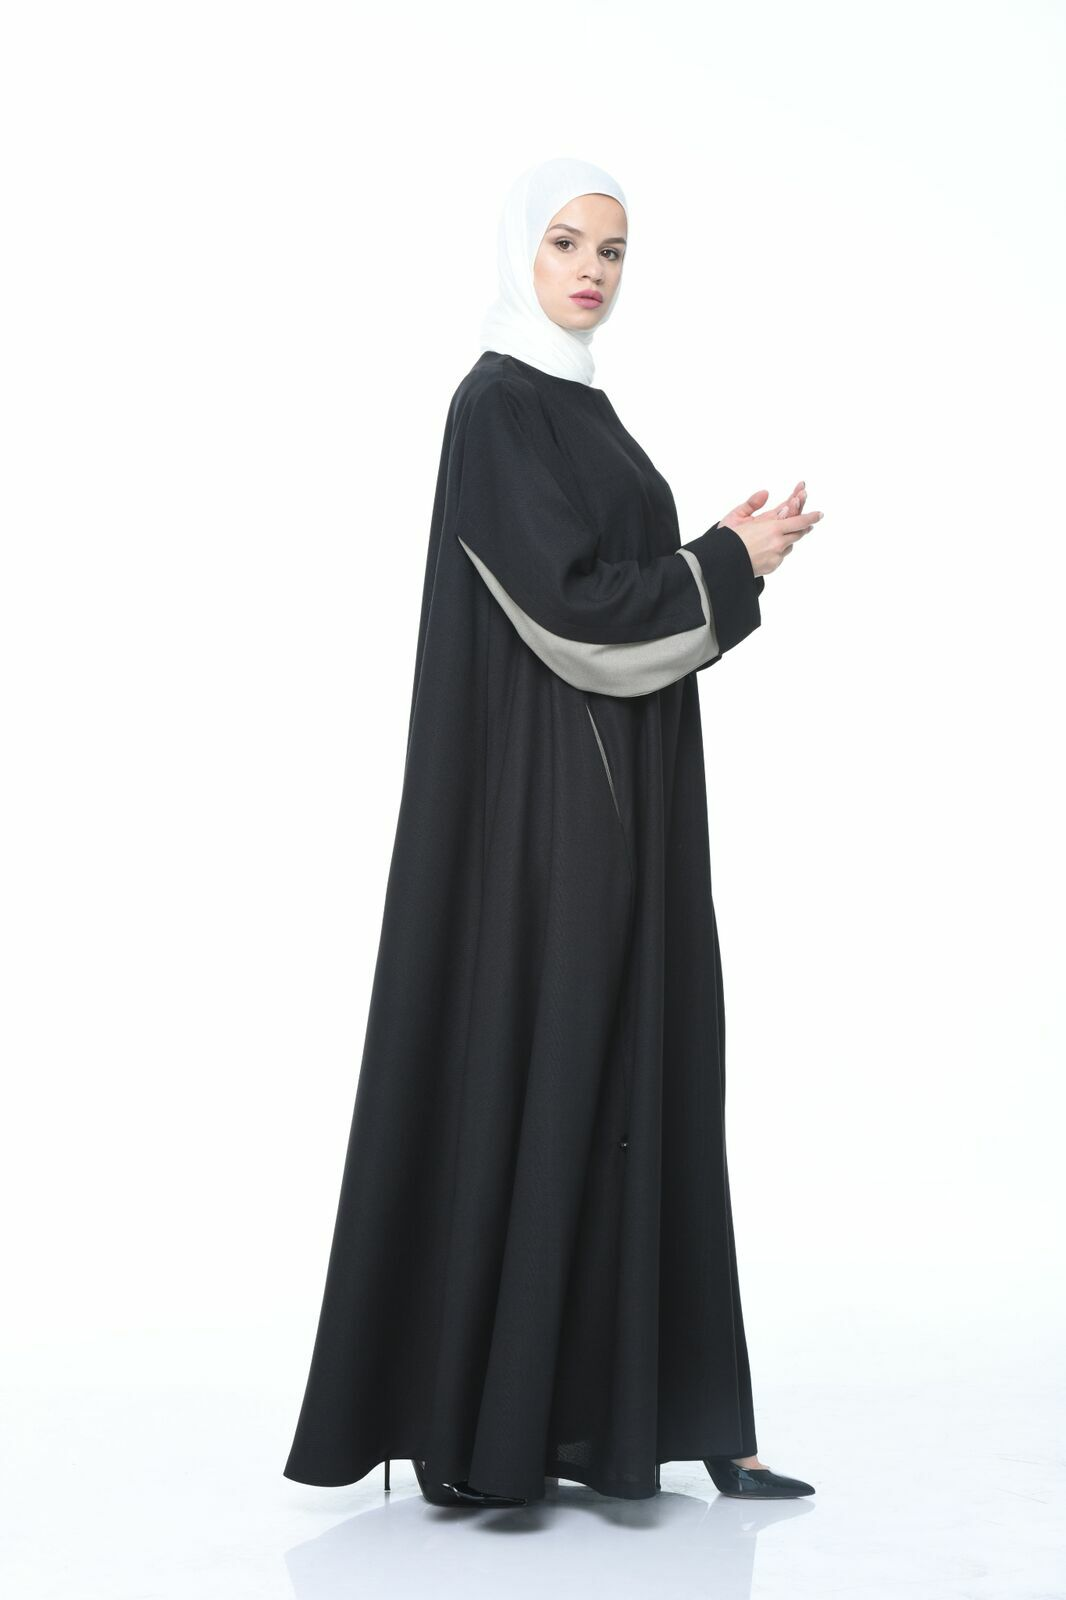 Asma 34